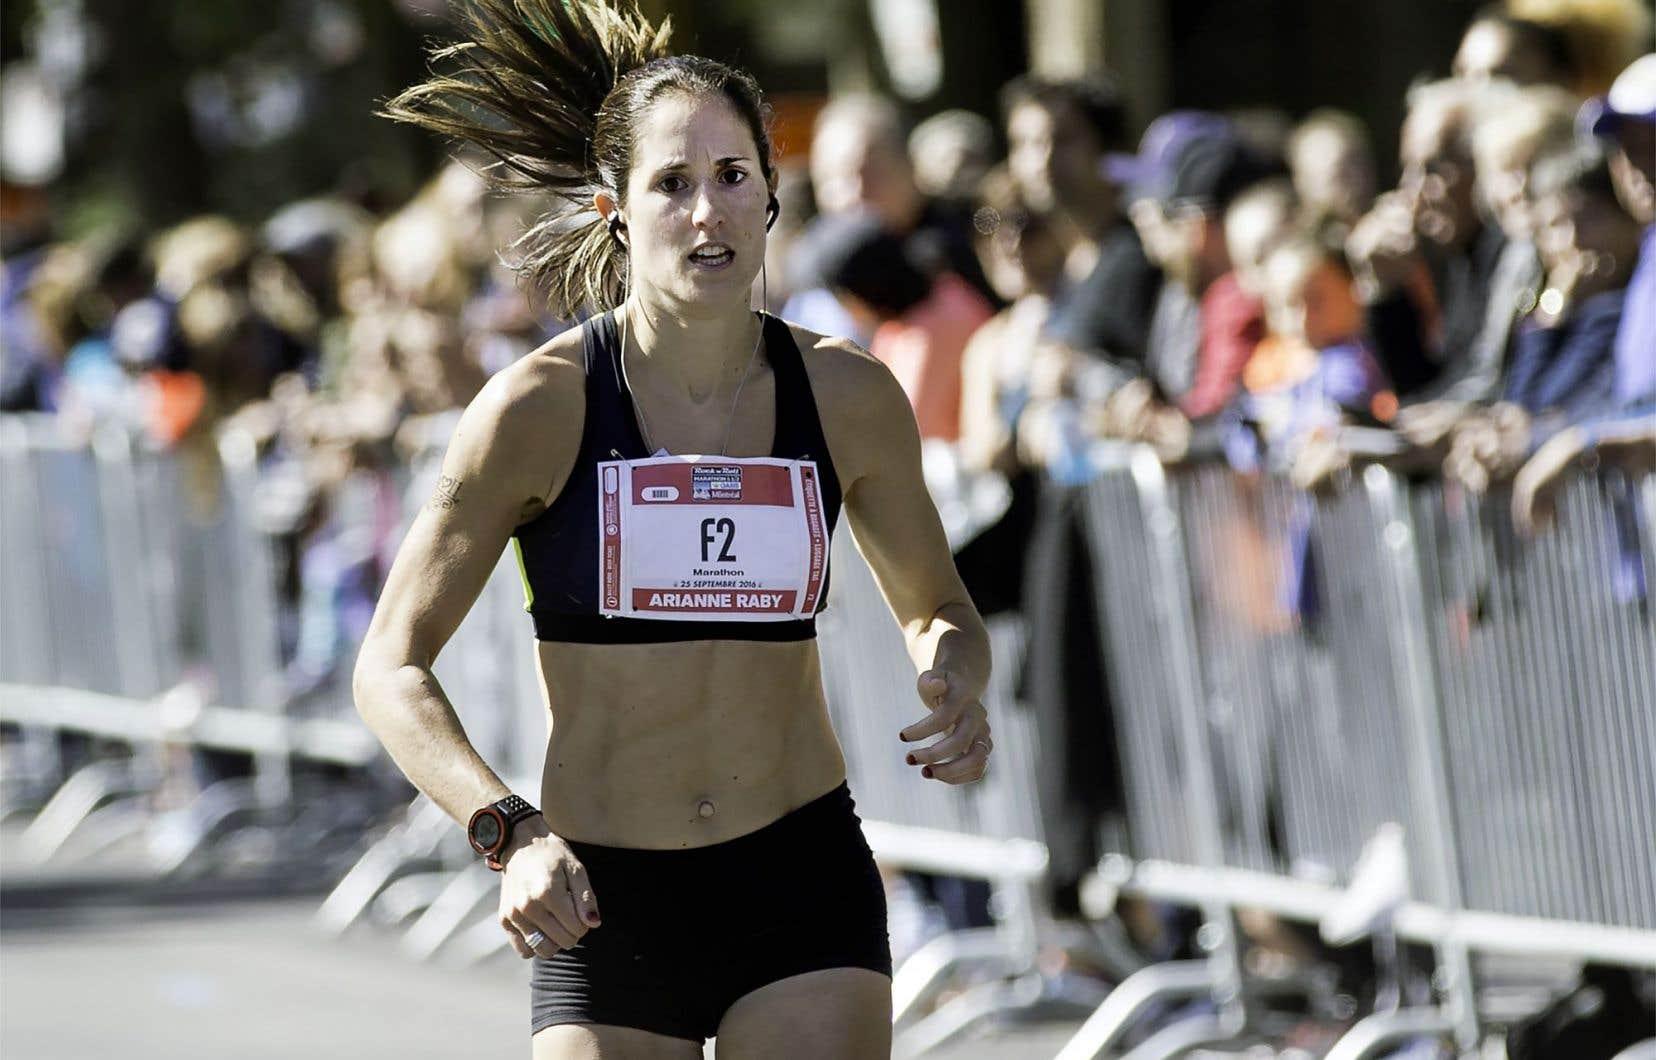 Chez les femmes, la Québécoise Arianne Raby a remporté le marathon. Elle a franchi la ligne d'arrivée au bout de 2 h48 min48 s.